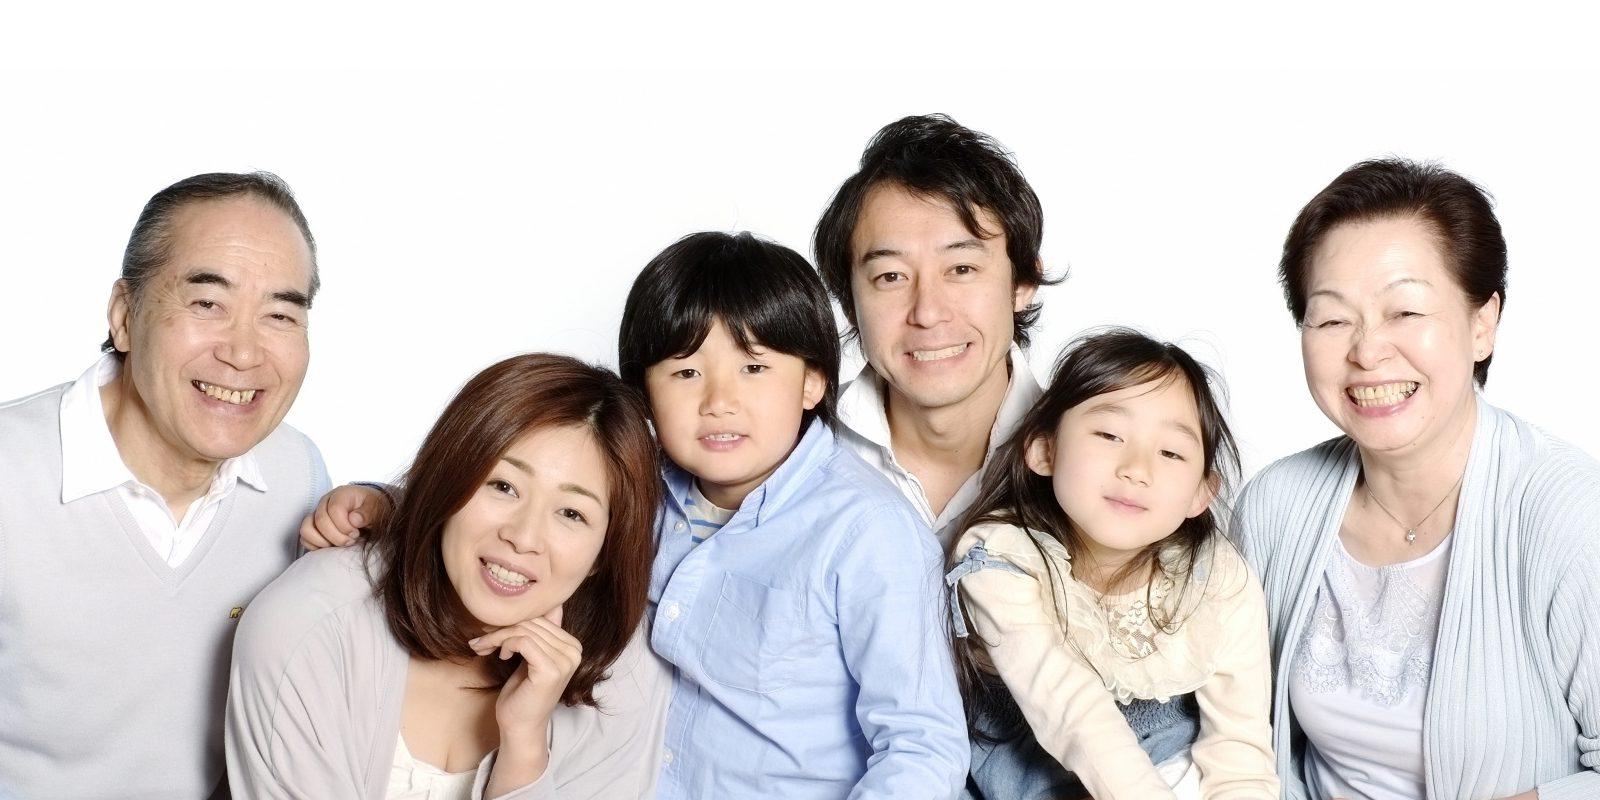 ενοικιαζόμενη οικογένεια